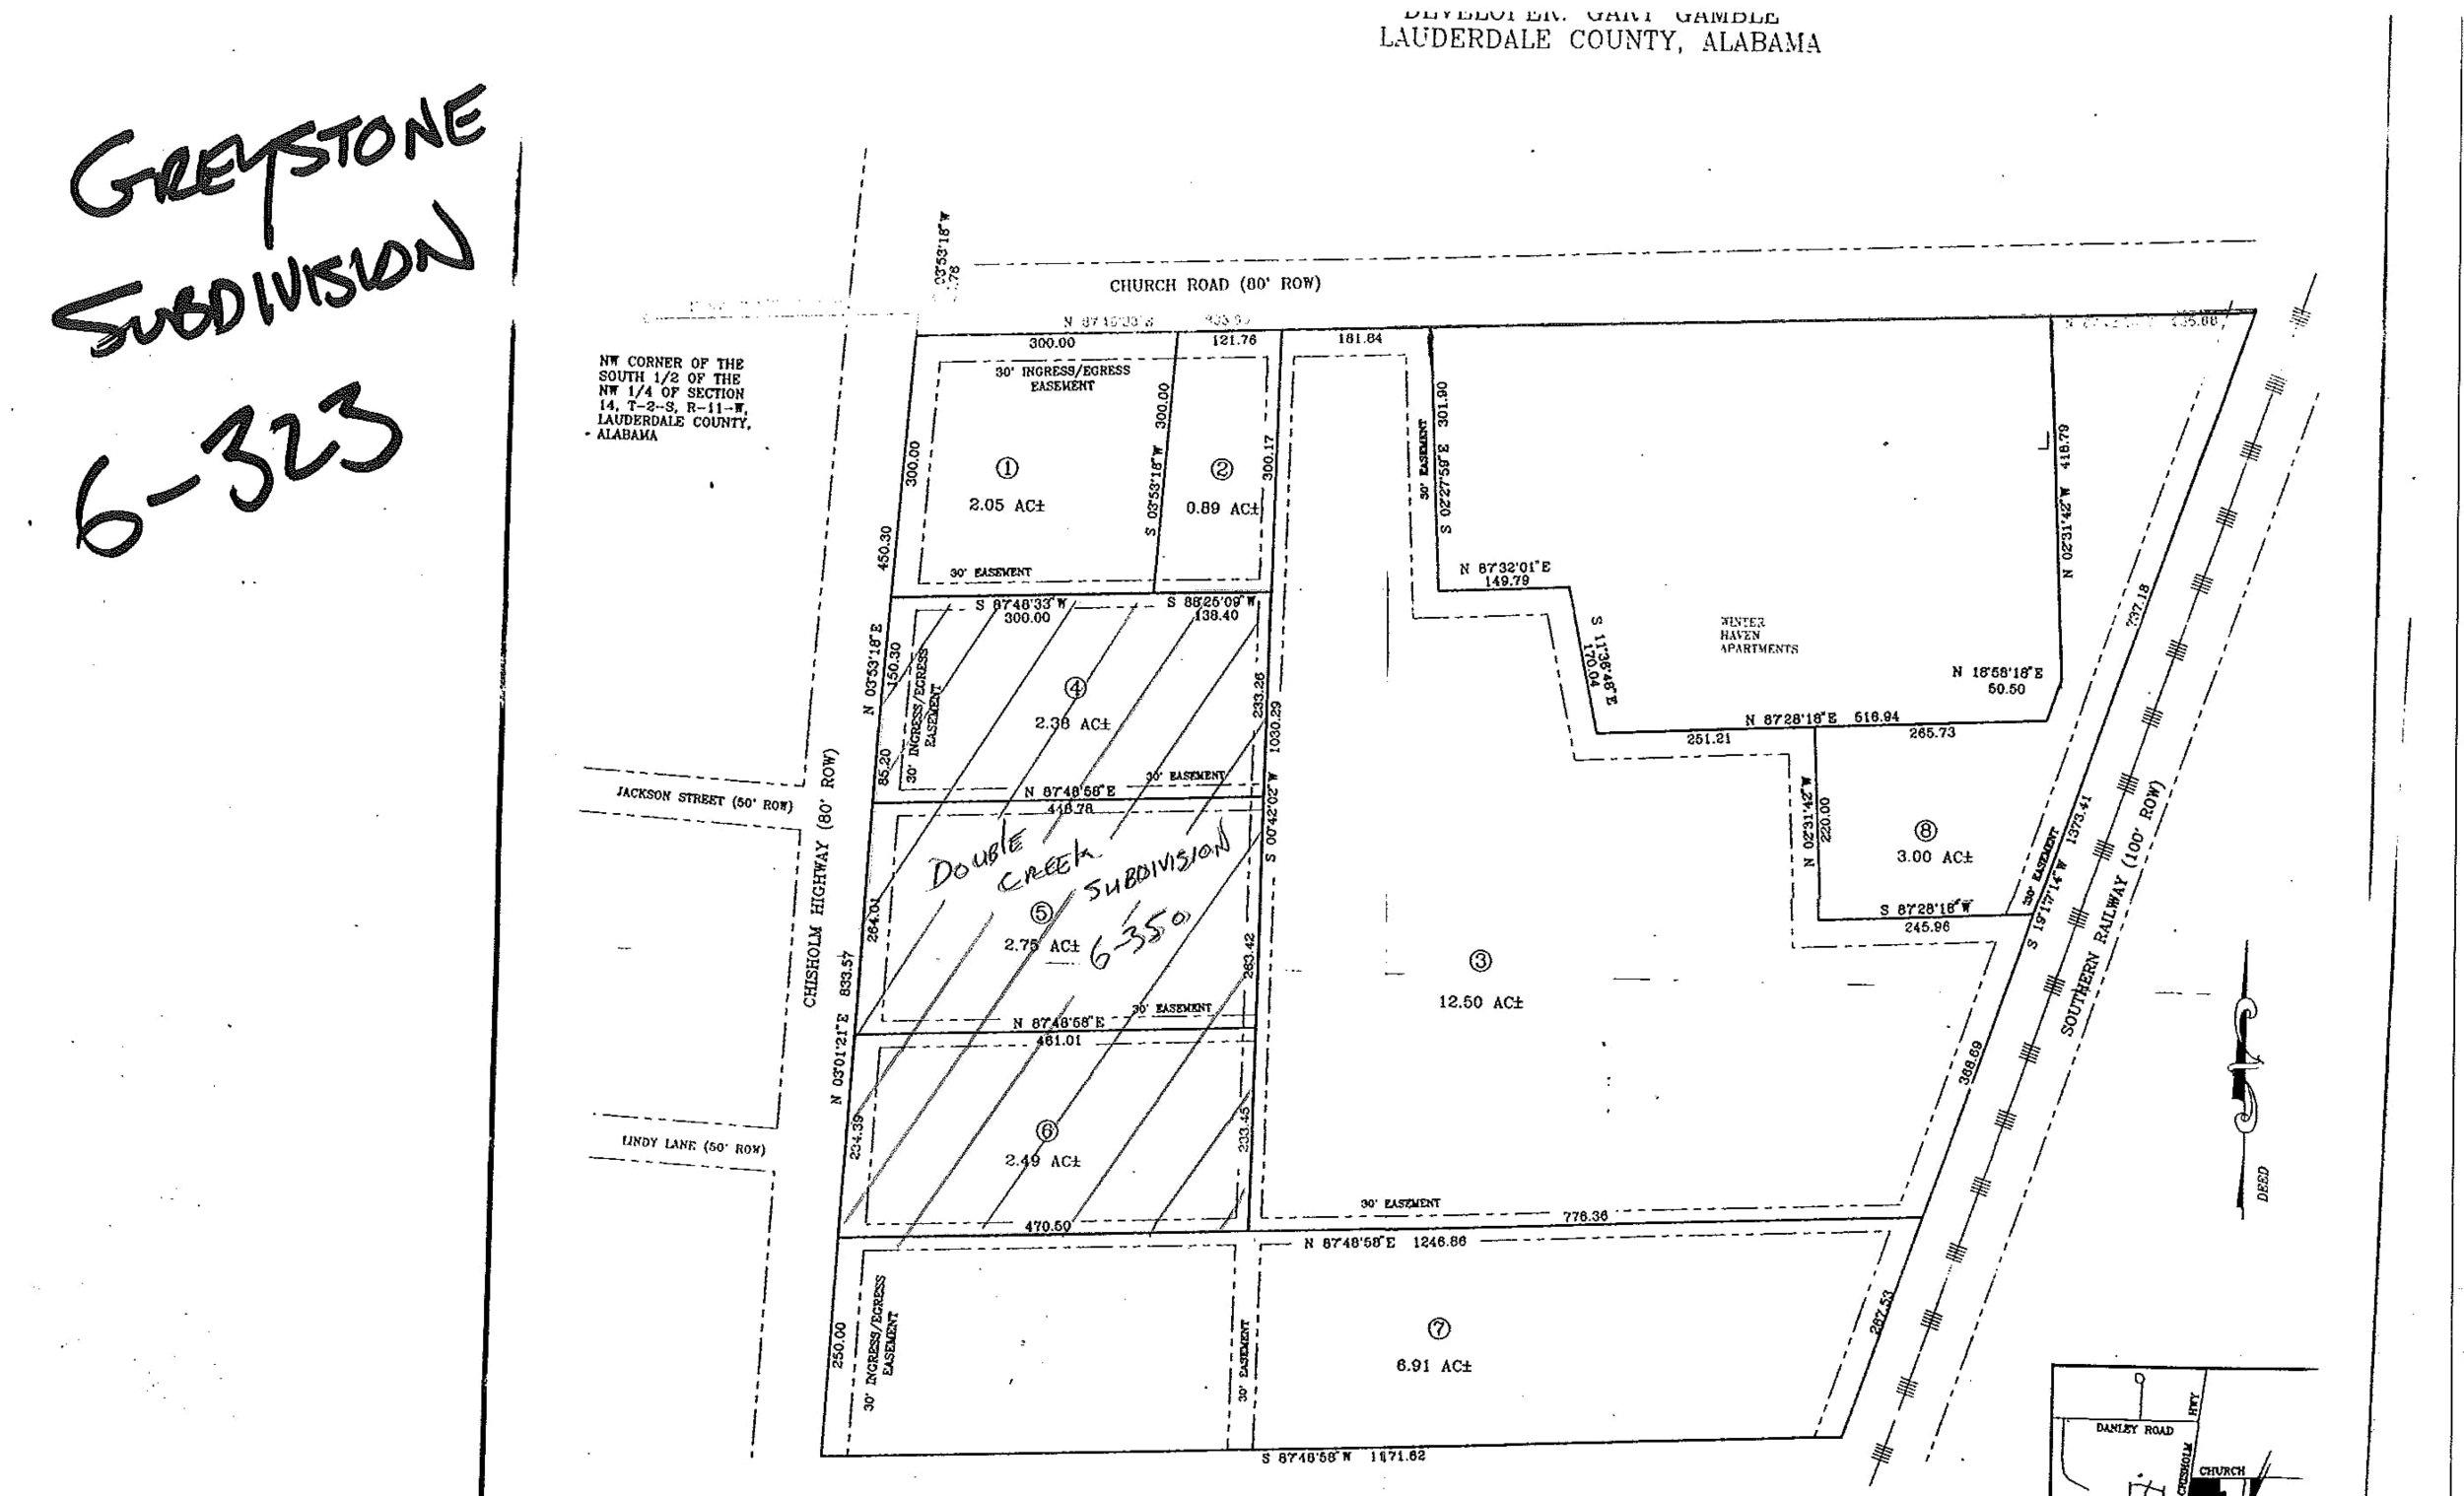 greystone subdivision-1.jpg